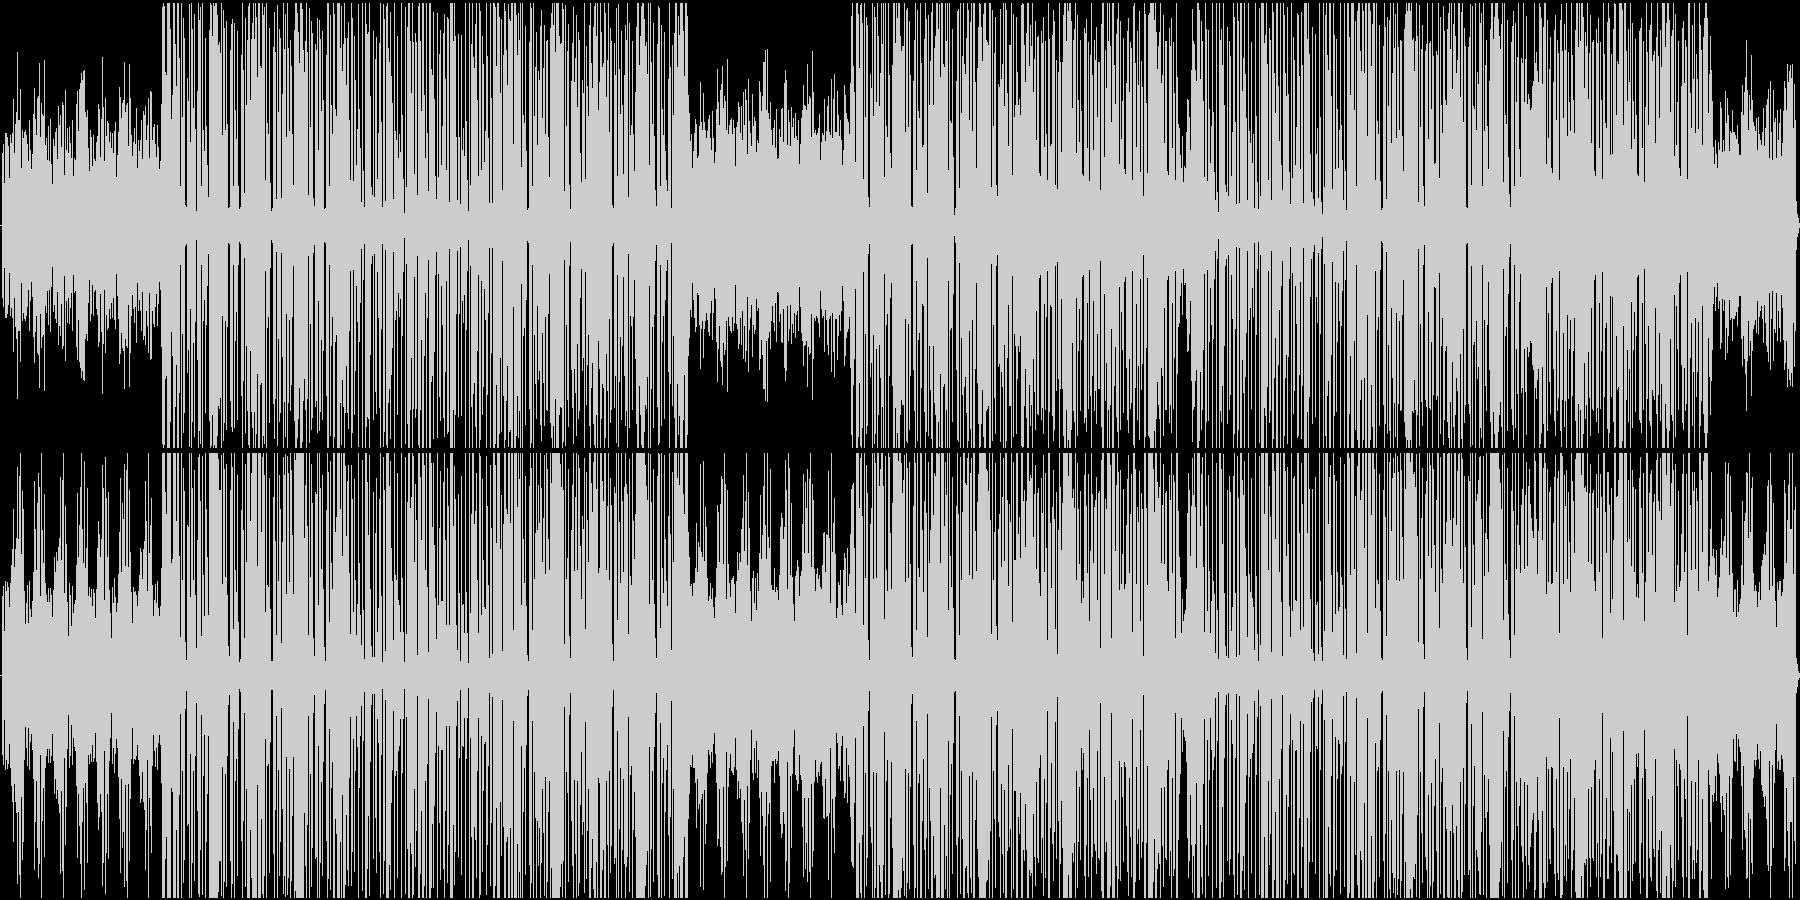 ラテンダンスミュージックの未再生の波形